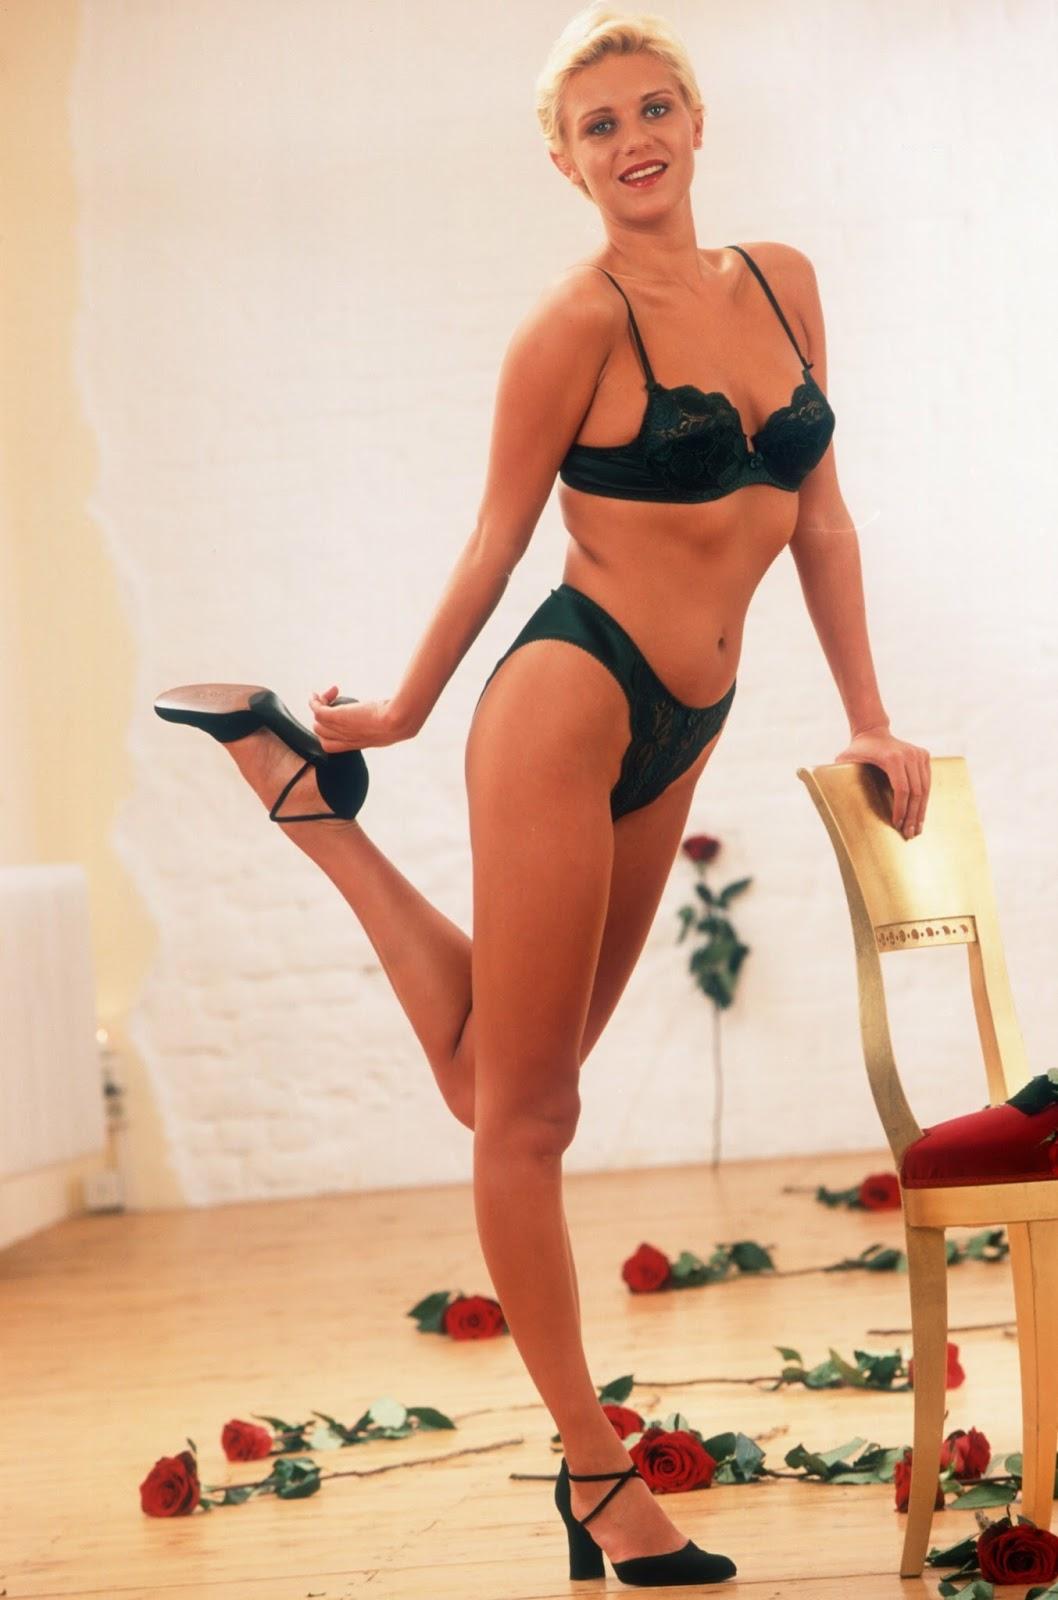 magdalena brzeska nackt - woodenbild :)